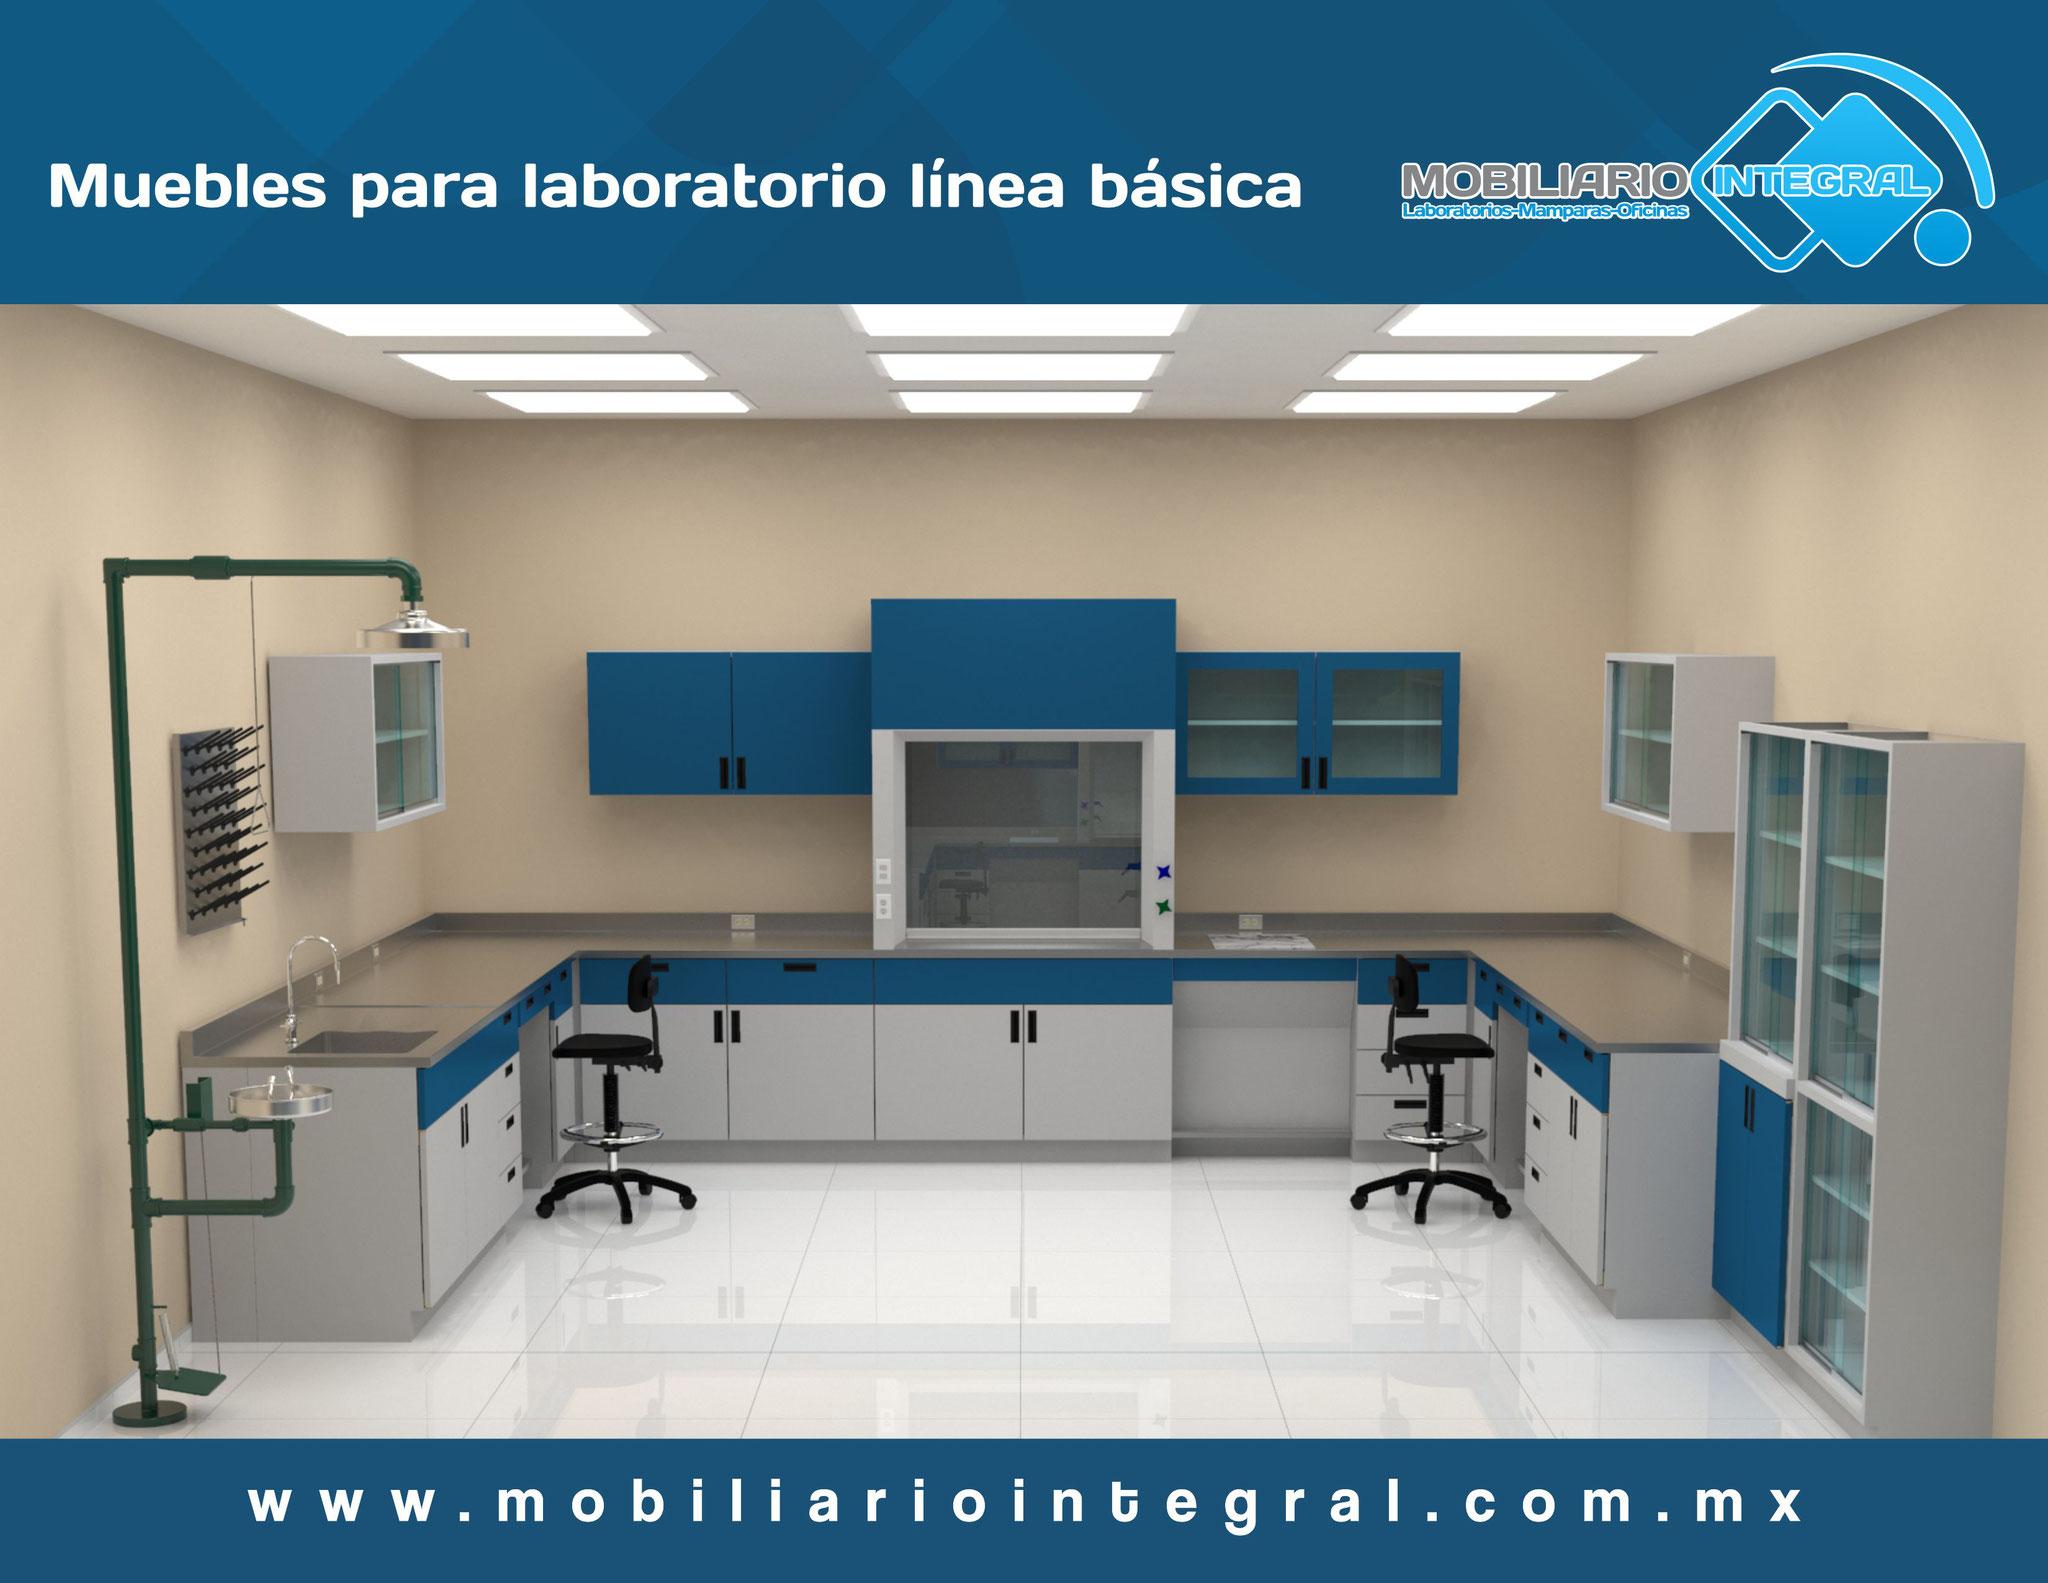 Muebles para laboratorio en Miramar